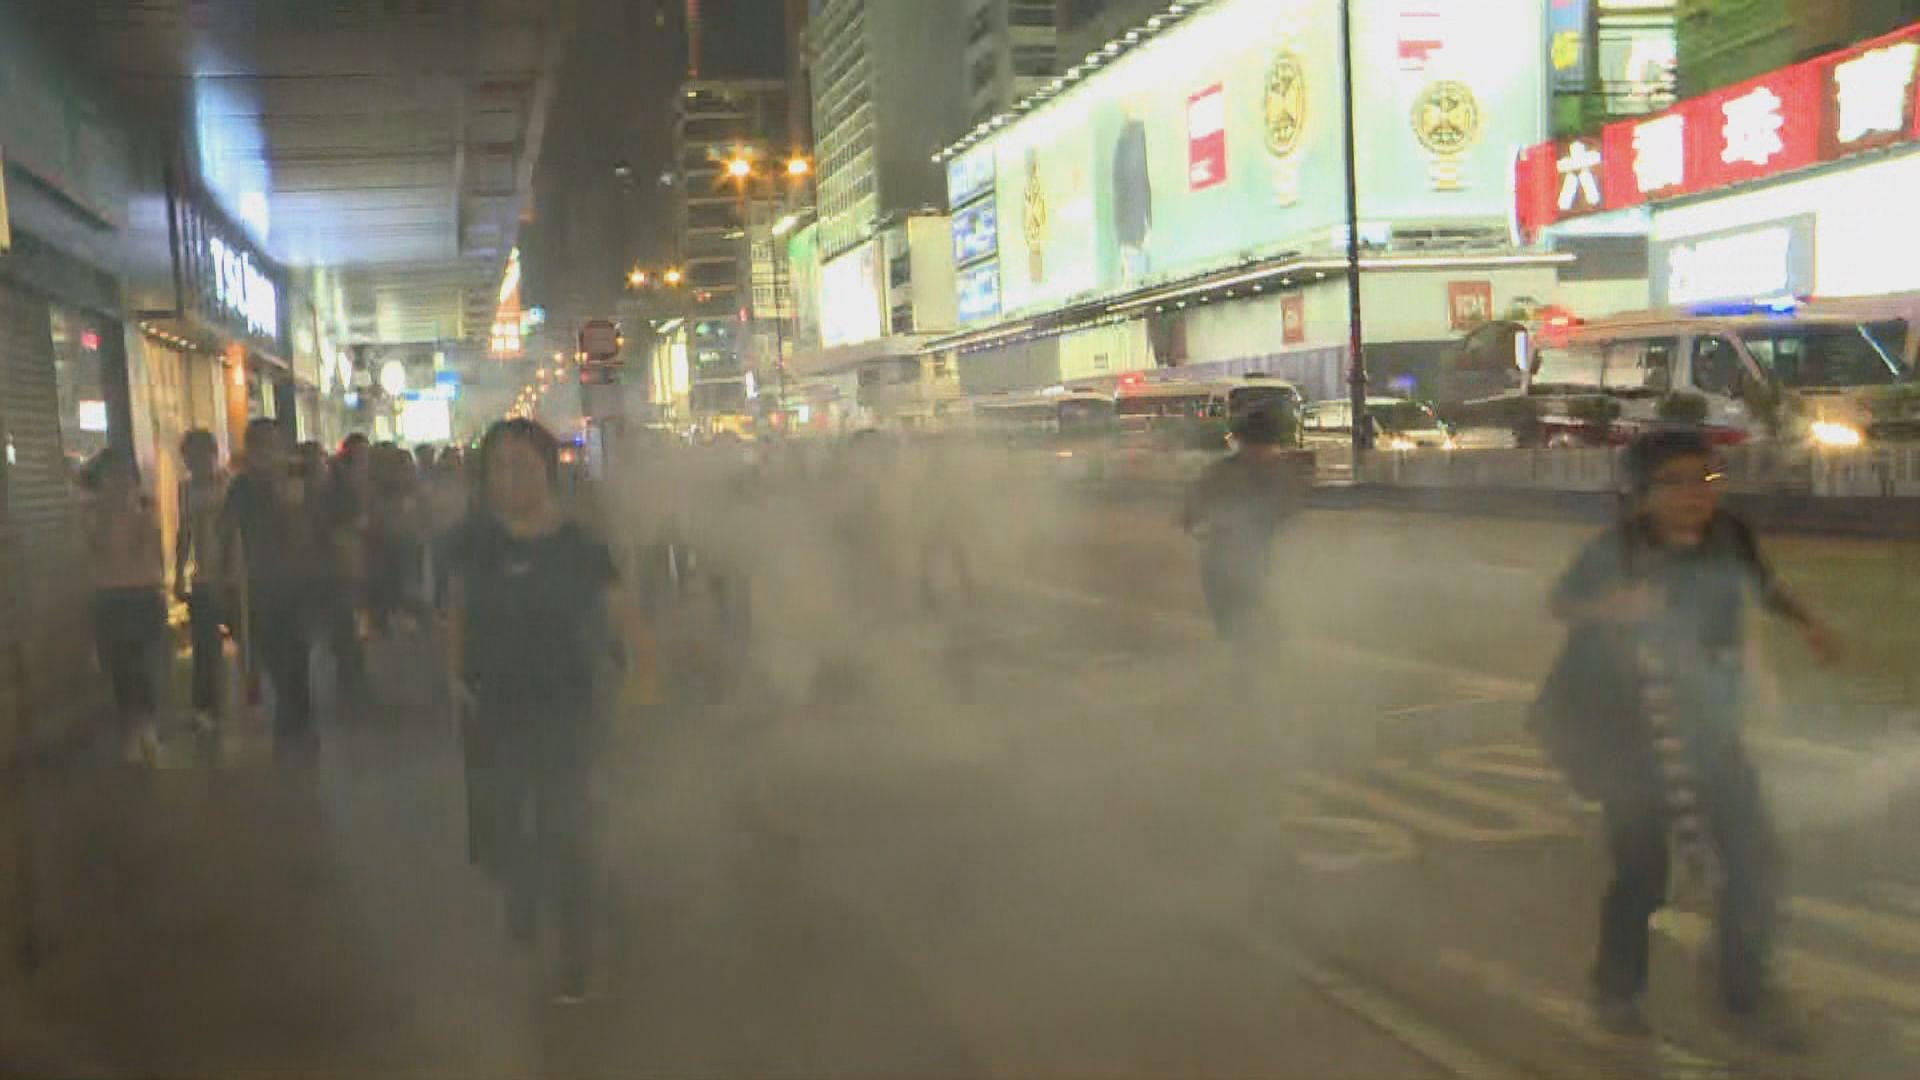 【一文睇清】衞生署公布處理催淚煙建議 勿用熱水清潔家居